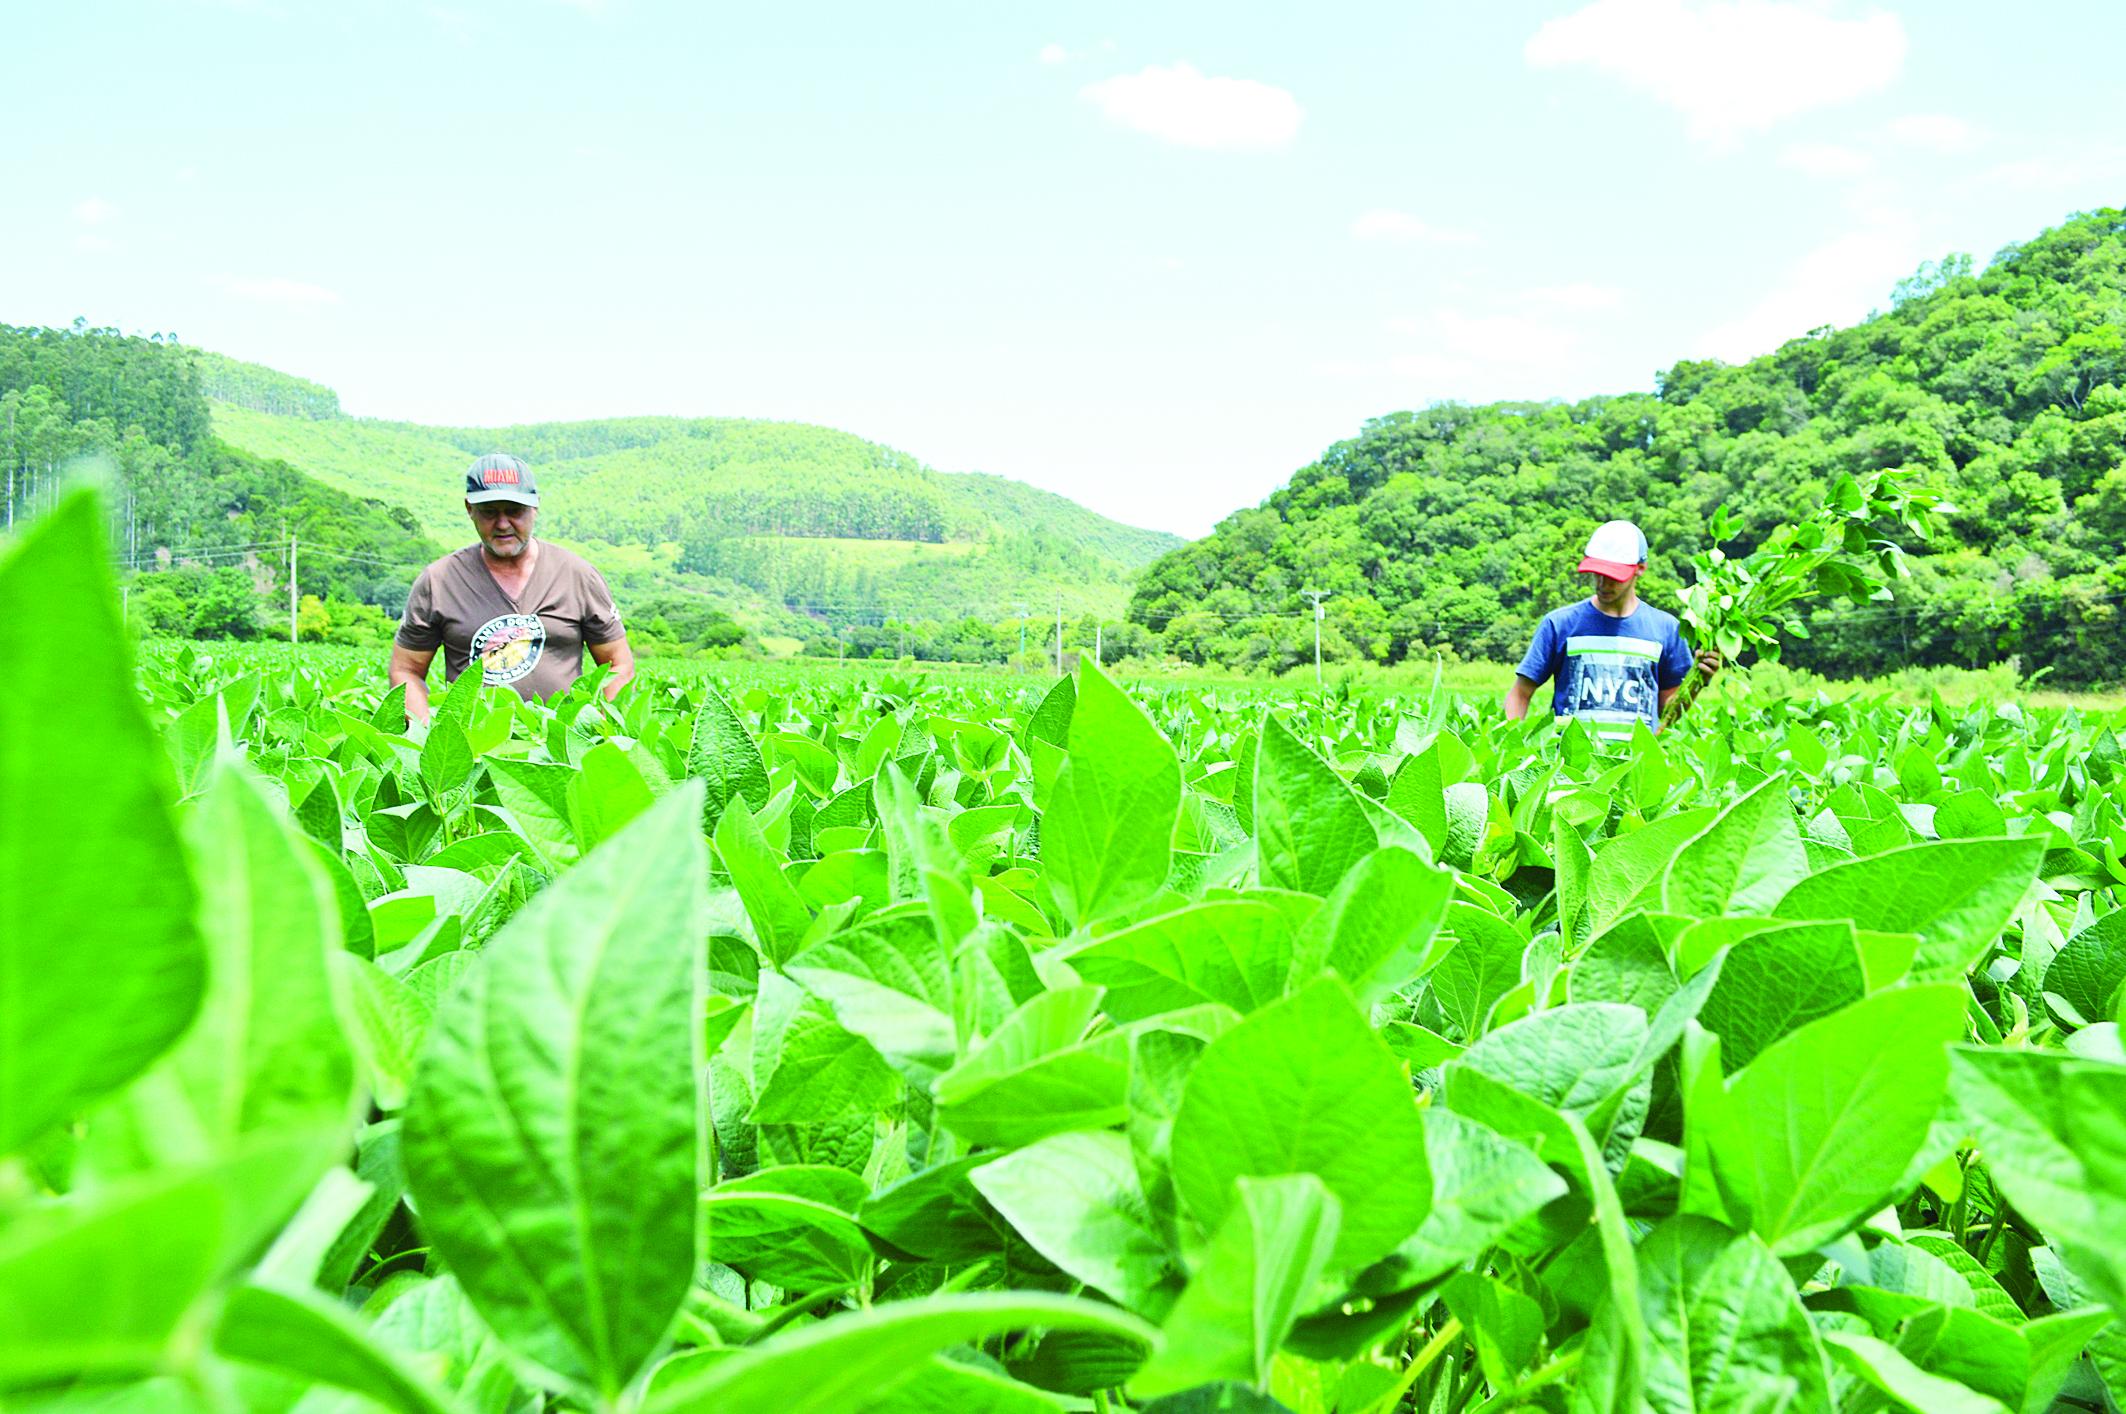 Alta no preço da soja atrai novos produtores